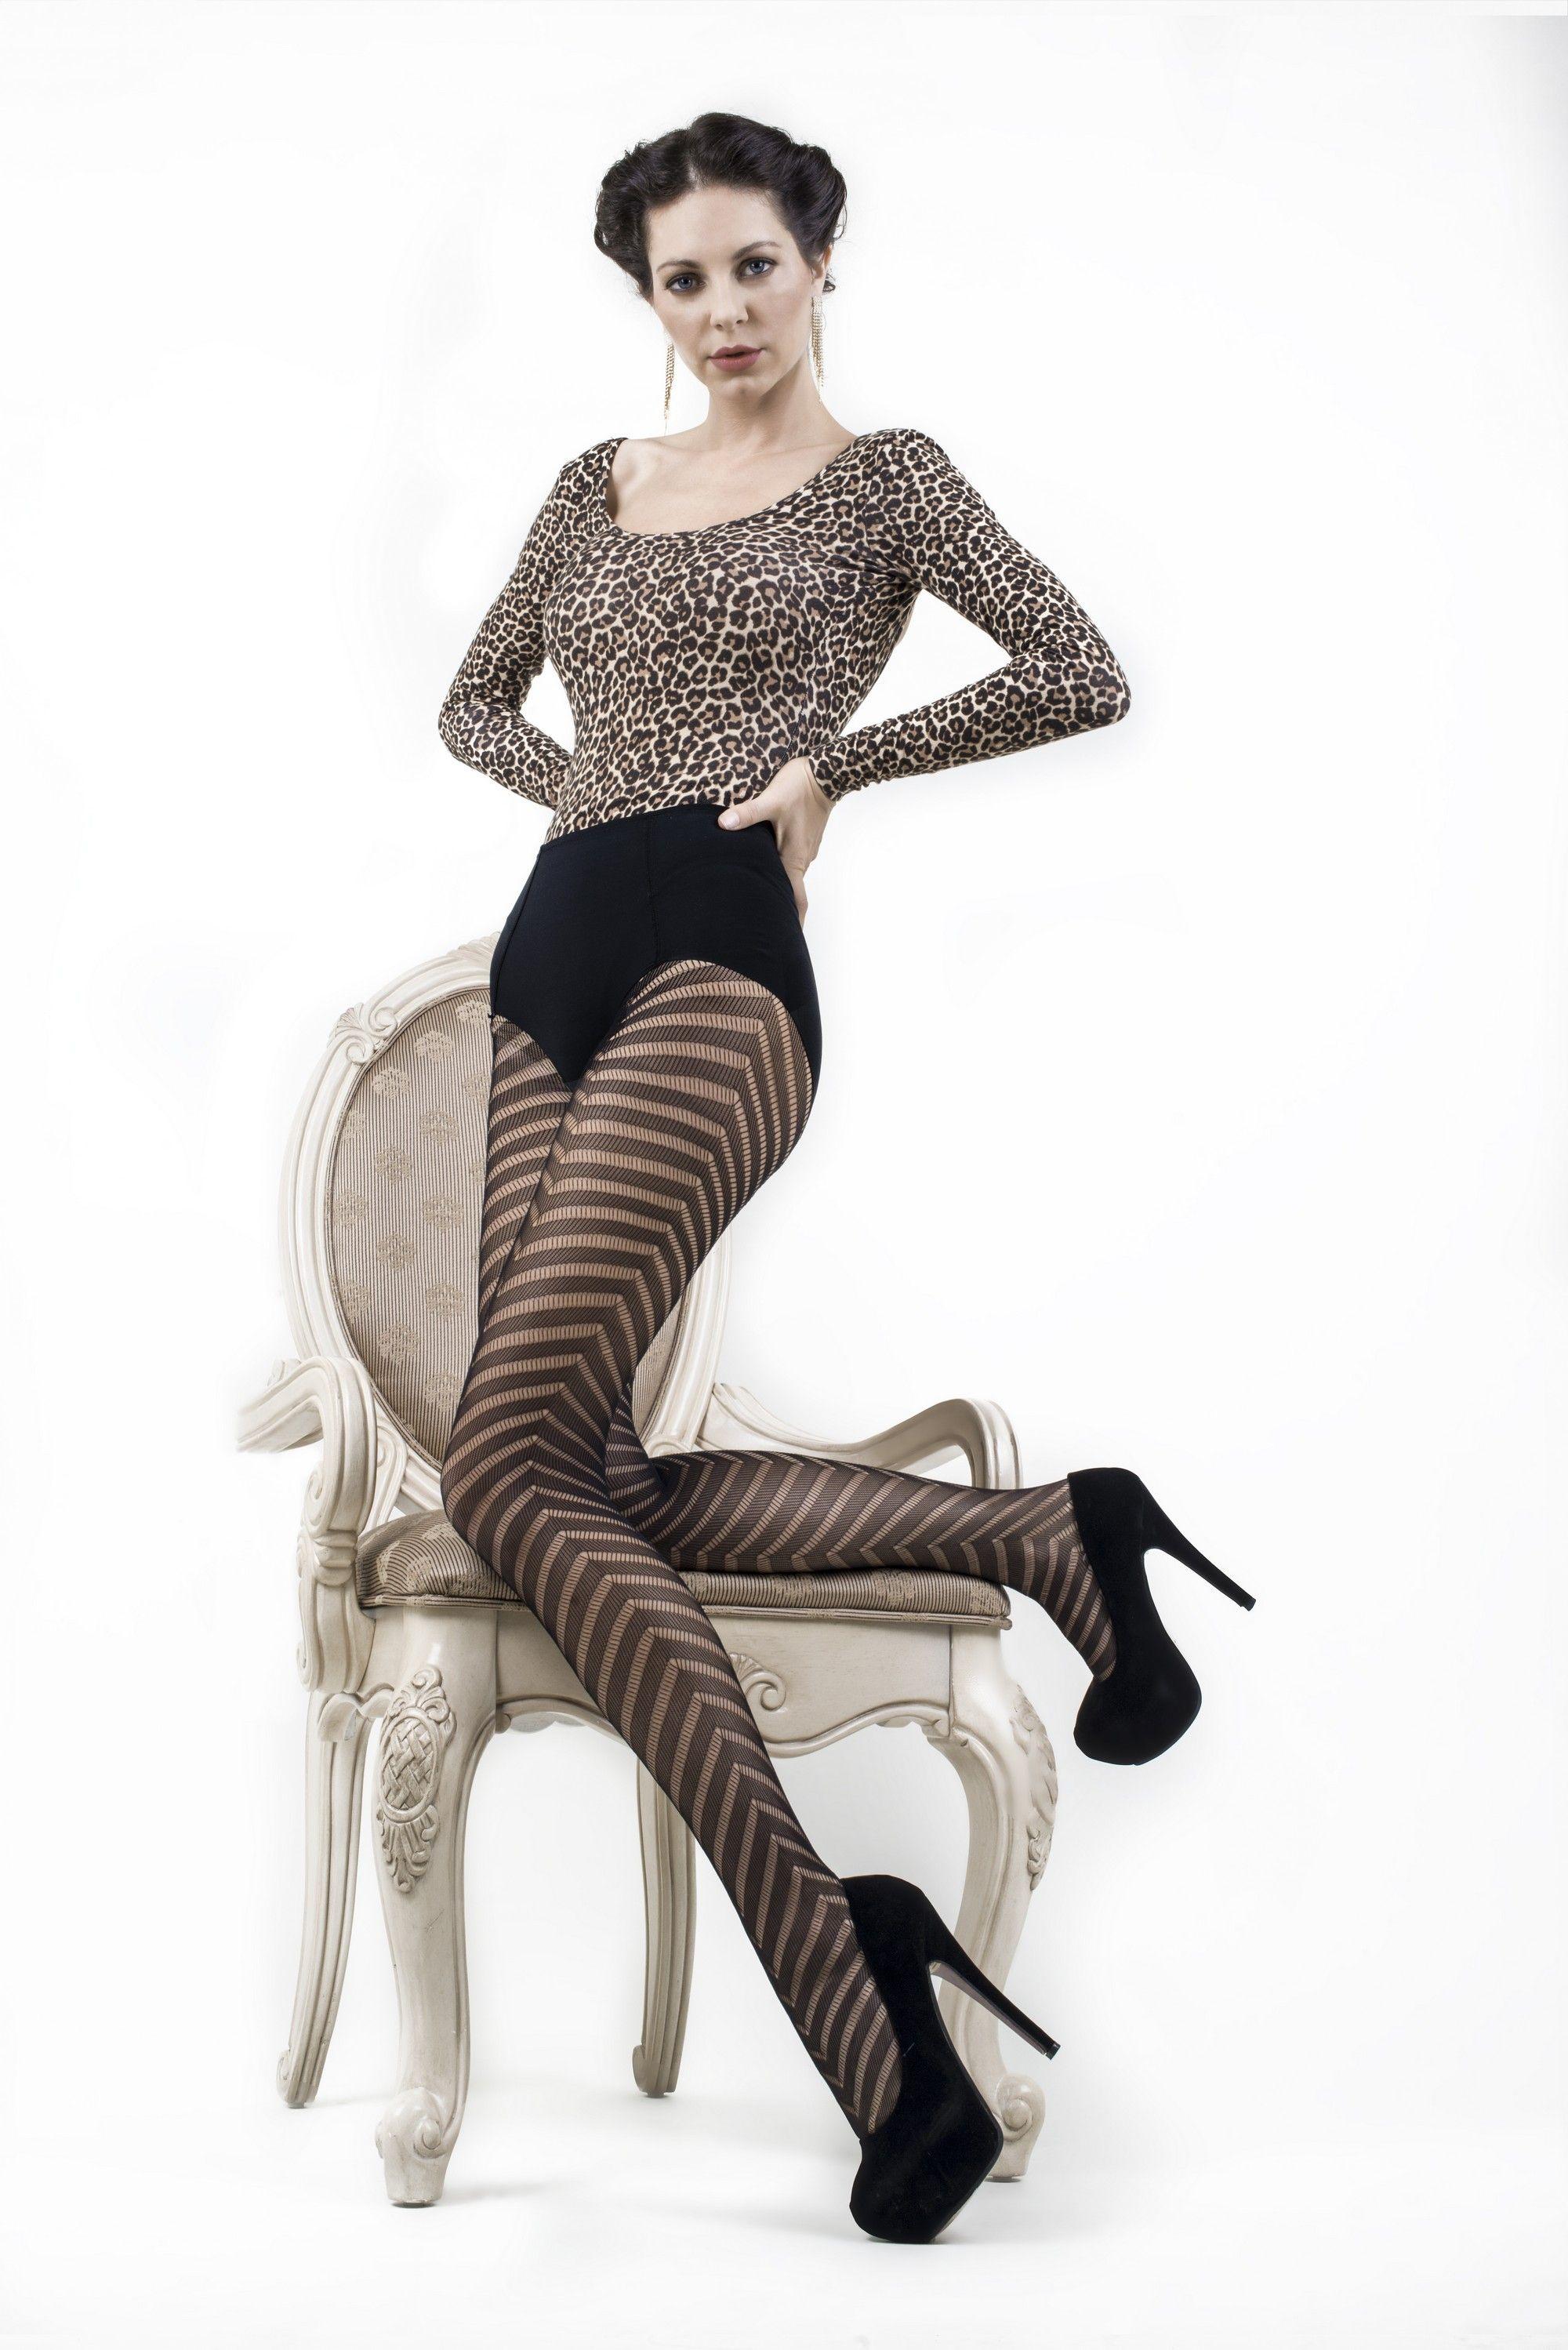 Sexy Women Wearing Leg Warmers | Hot Girl HD Wallpaper